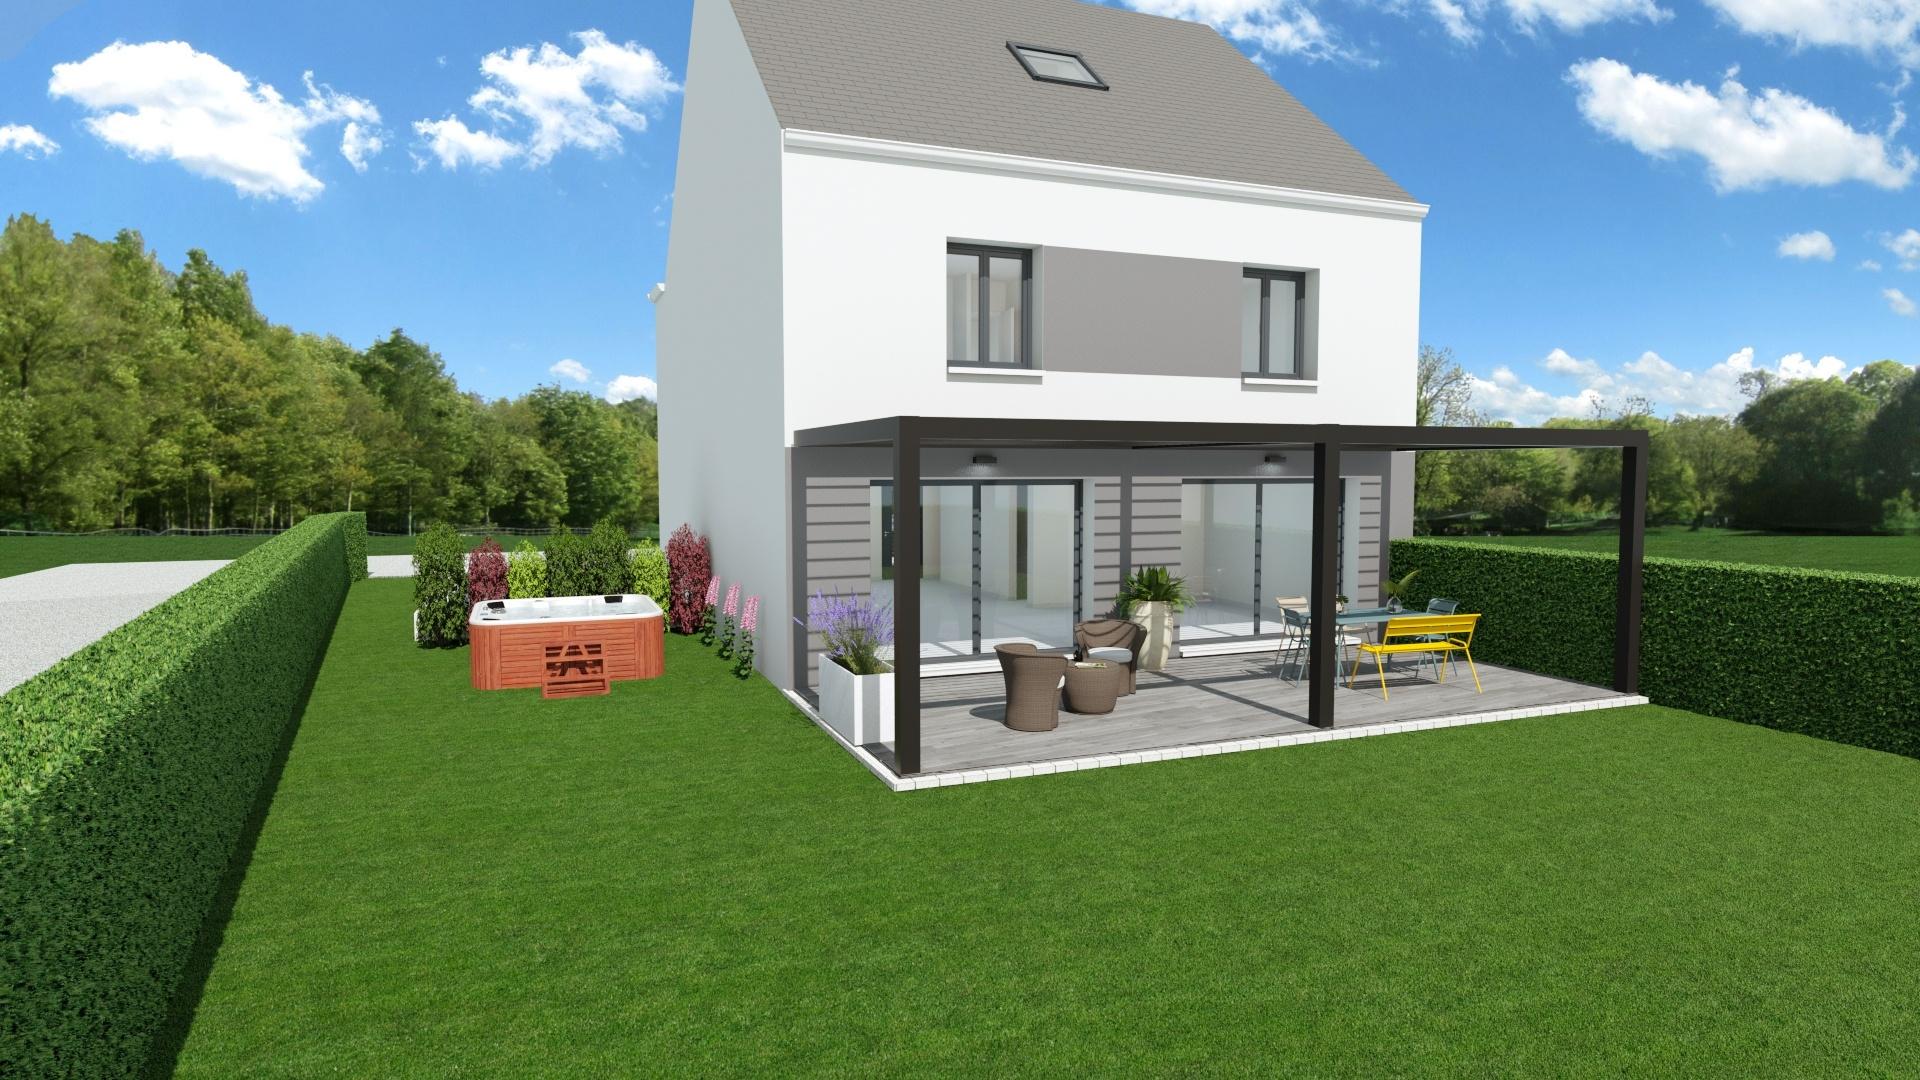 Maisons + Terrains du constructeur LE PAVILLON FRANCAIS • 130 m² • ANTONY